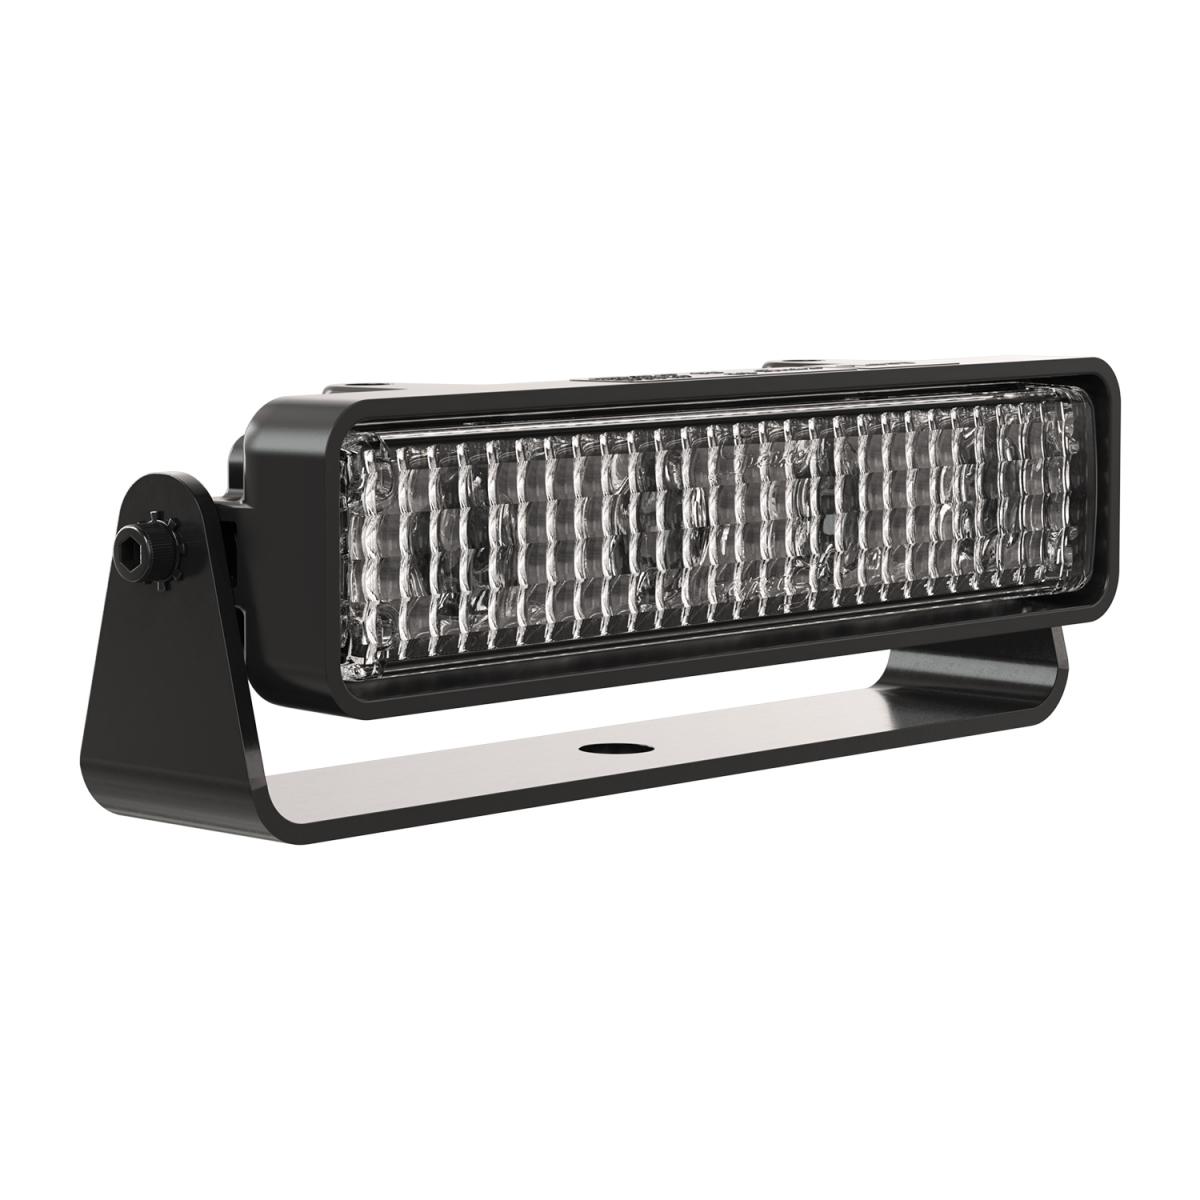 LED Work Light – Model 783 XD